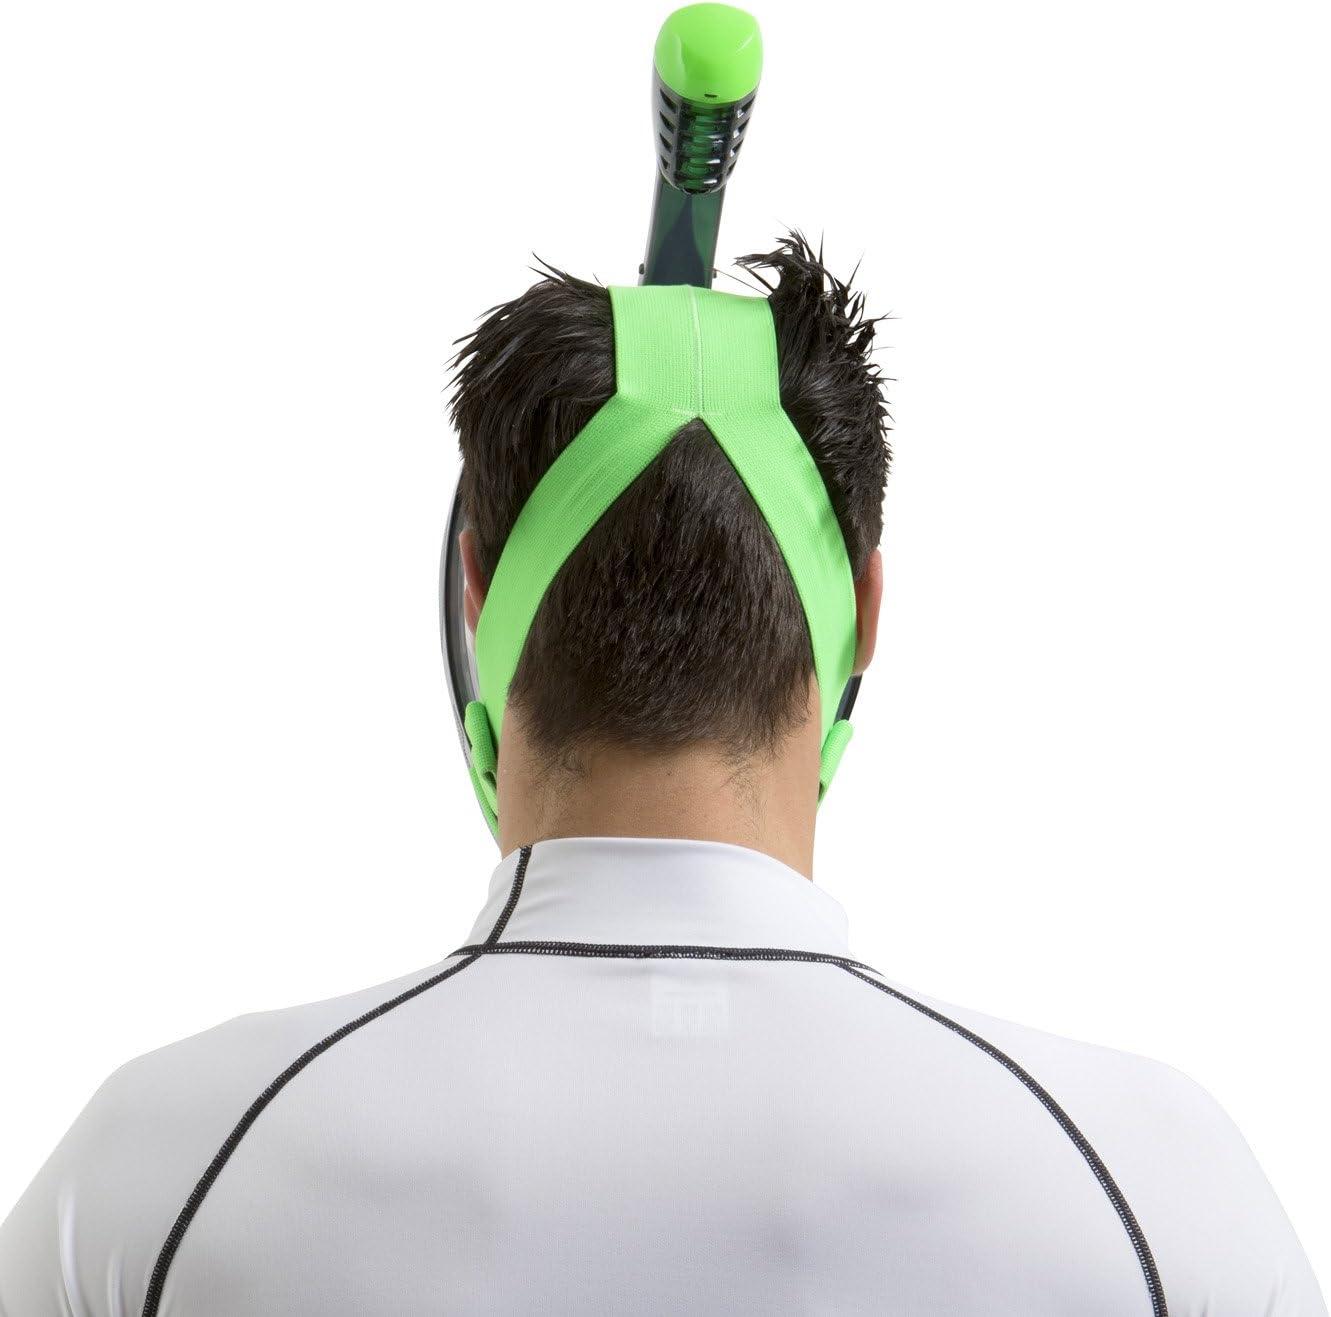 Masque de Plong/ée Int/égral pour le Snorkeling avec Vision /à 180/° Seac Unica